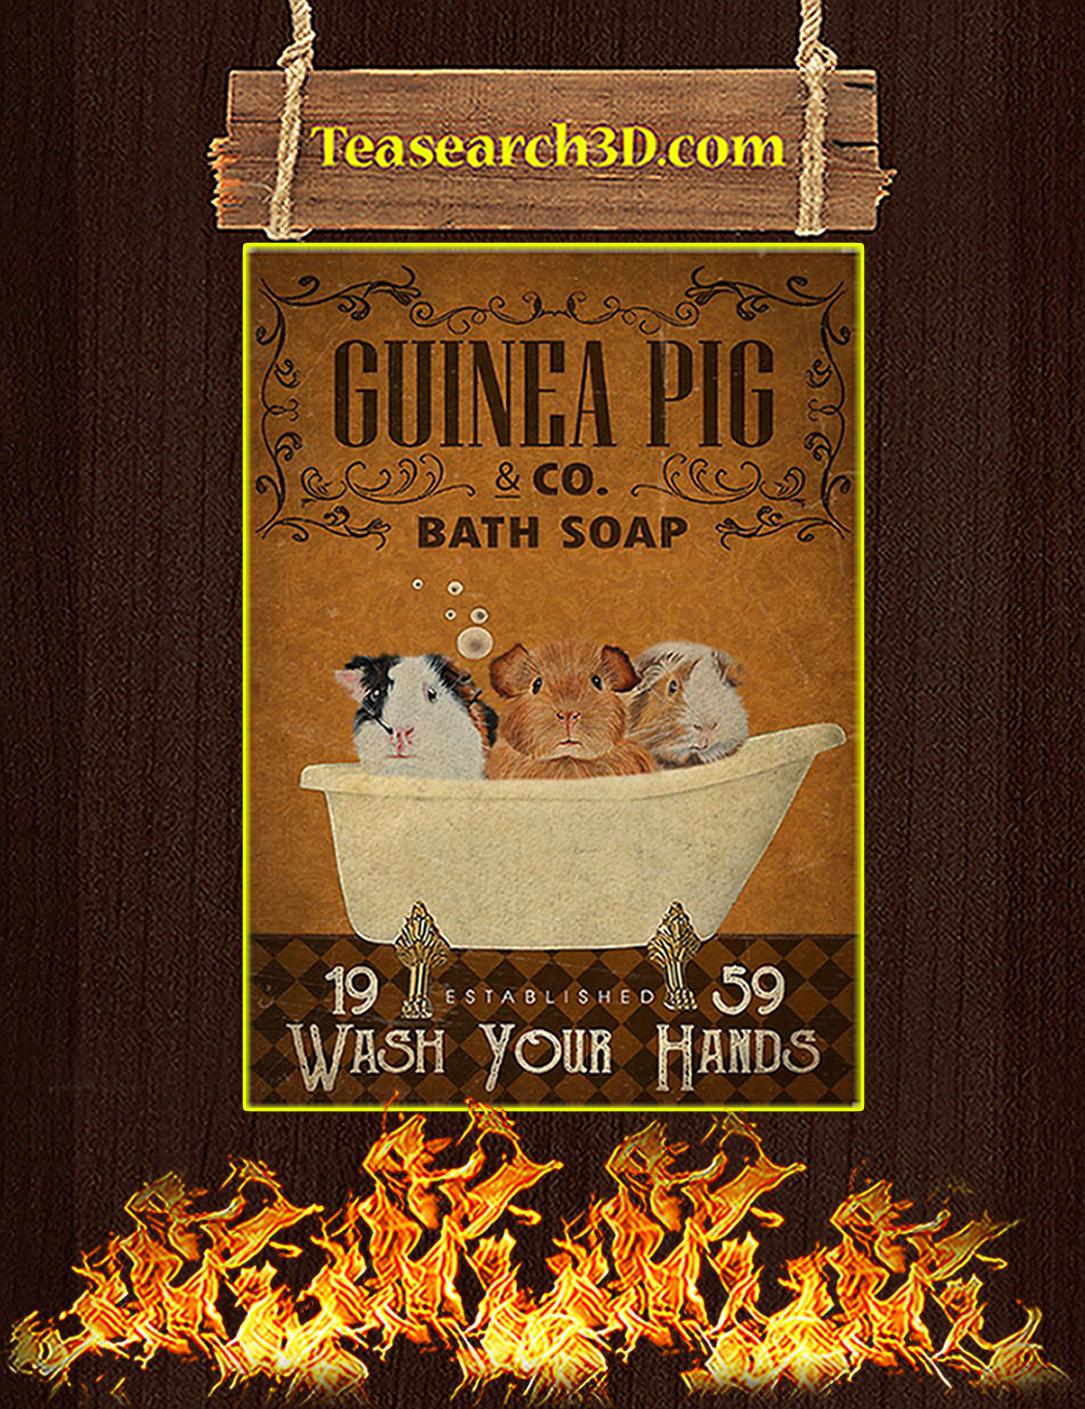 Guinea pig bath soap poster A2